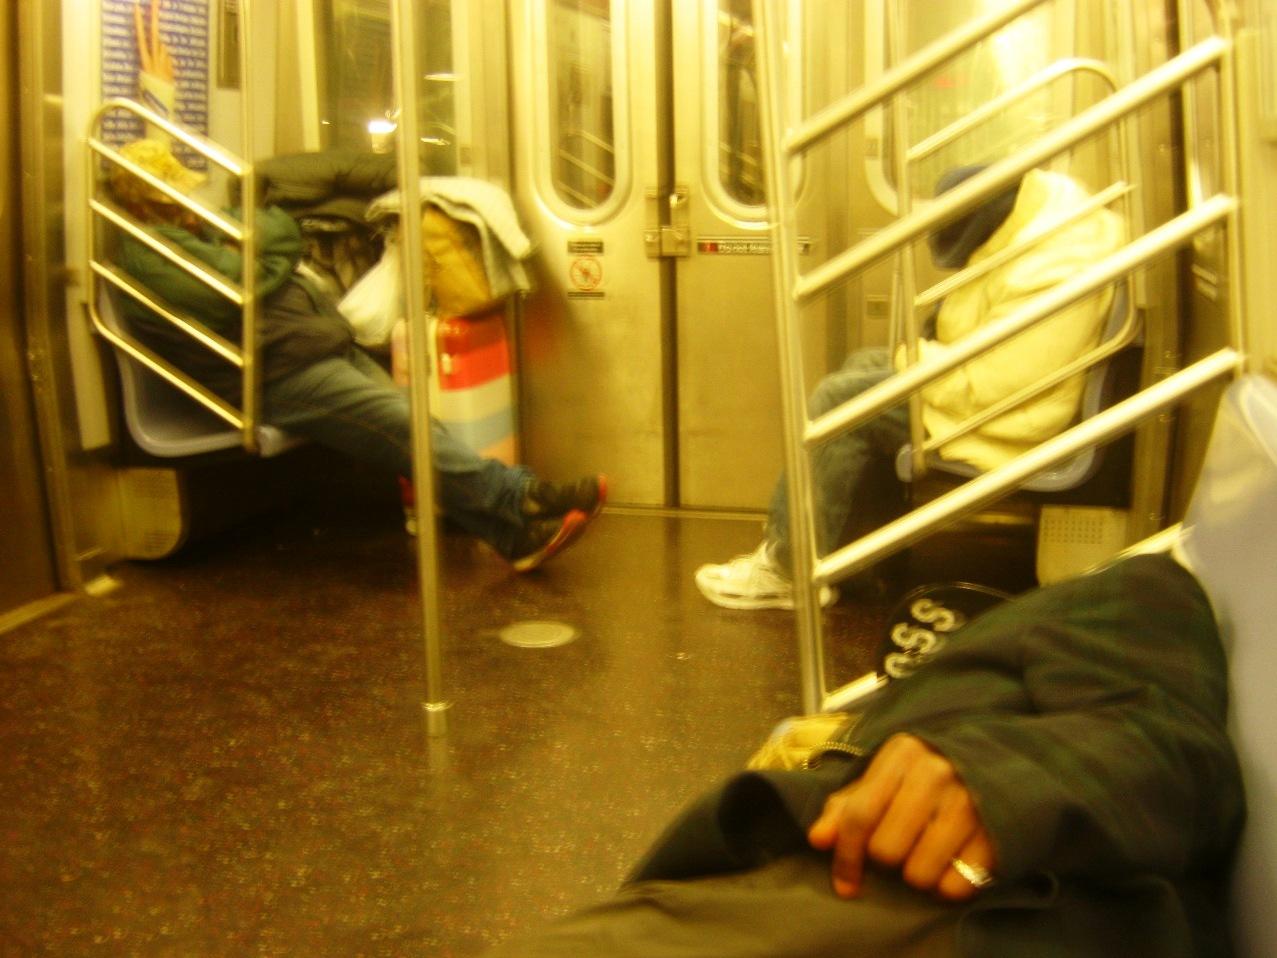 深夜のニューヨーク地下鉄で寝るホームレスの人たち。(ワールドトレードセンター行きのE線で)